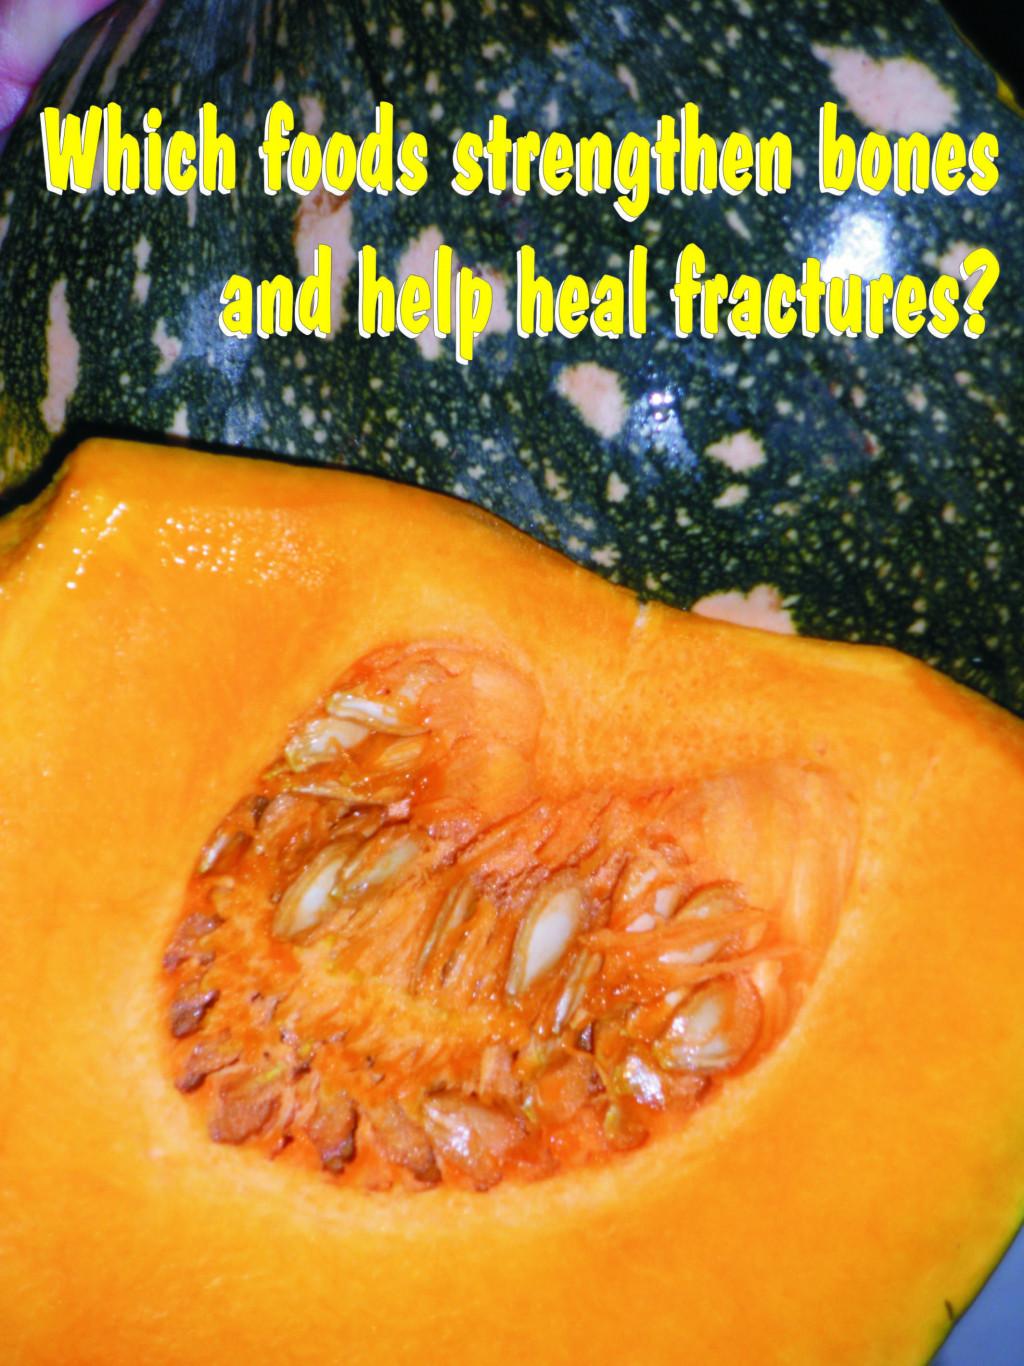 Foods to help heal broken bones hubpages for Cuisine for healing